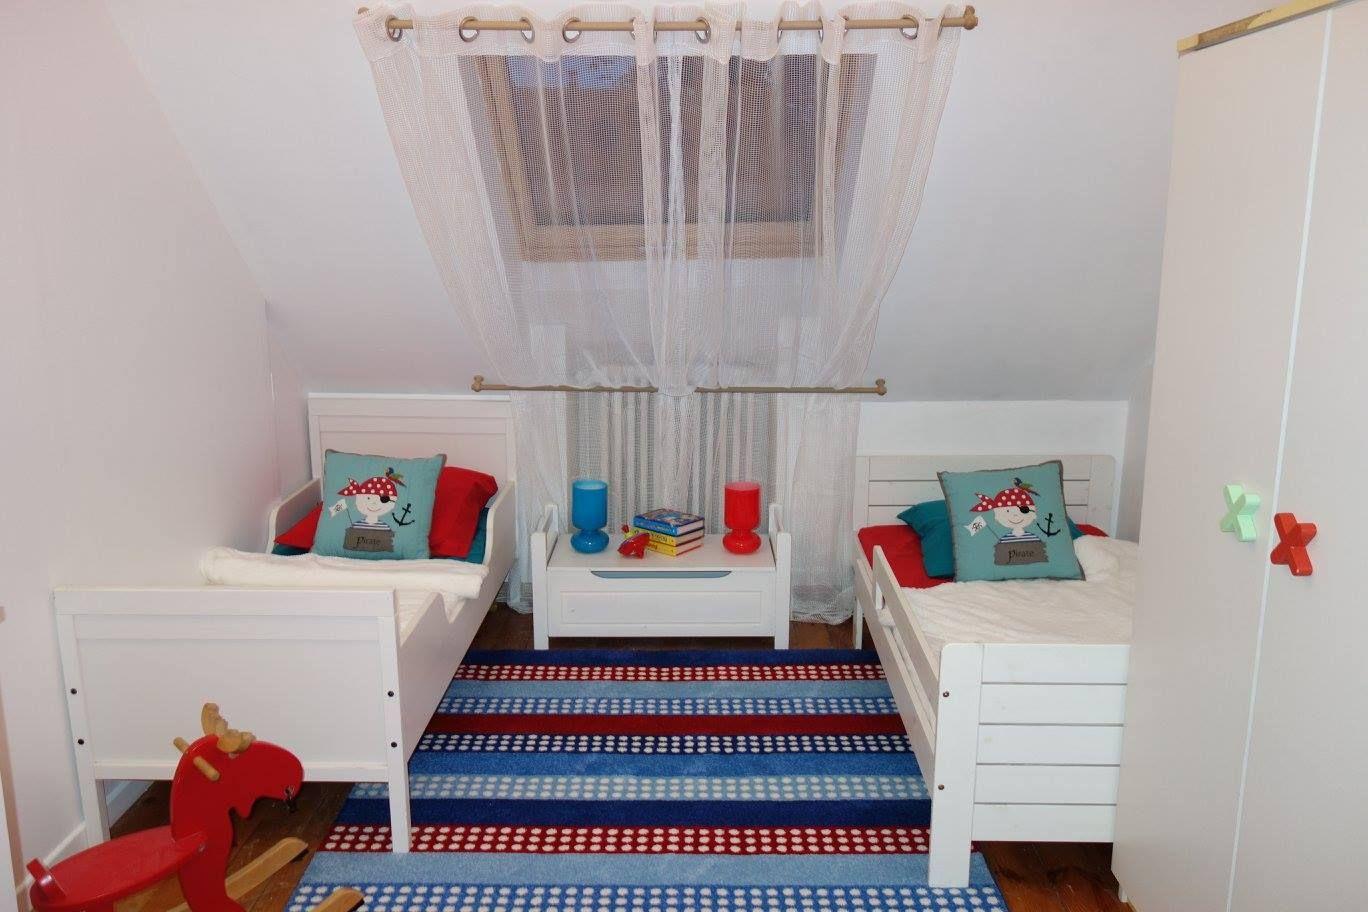 Child Children Home Interior Design Room Sleep Emmanuelle Rivassoux Maison  à Vendre Chambre Enfant Enfants Colors